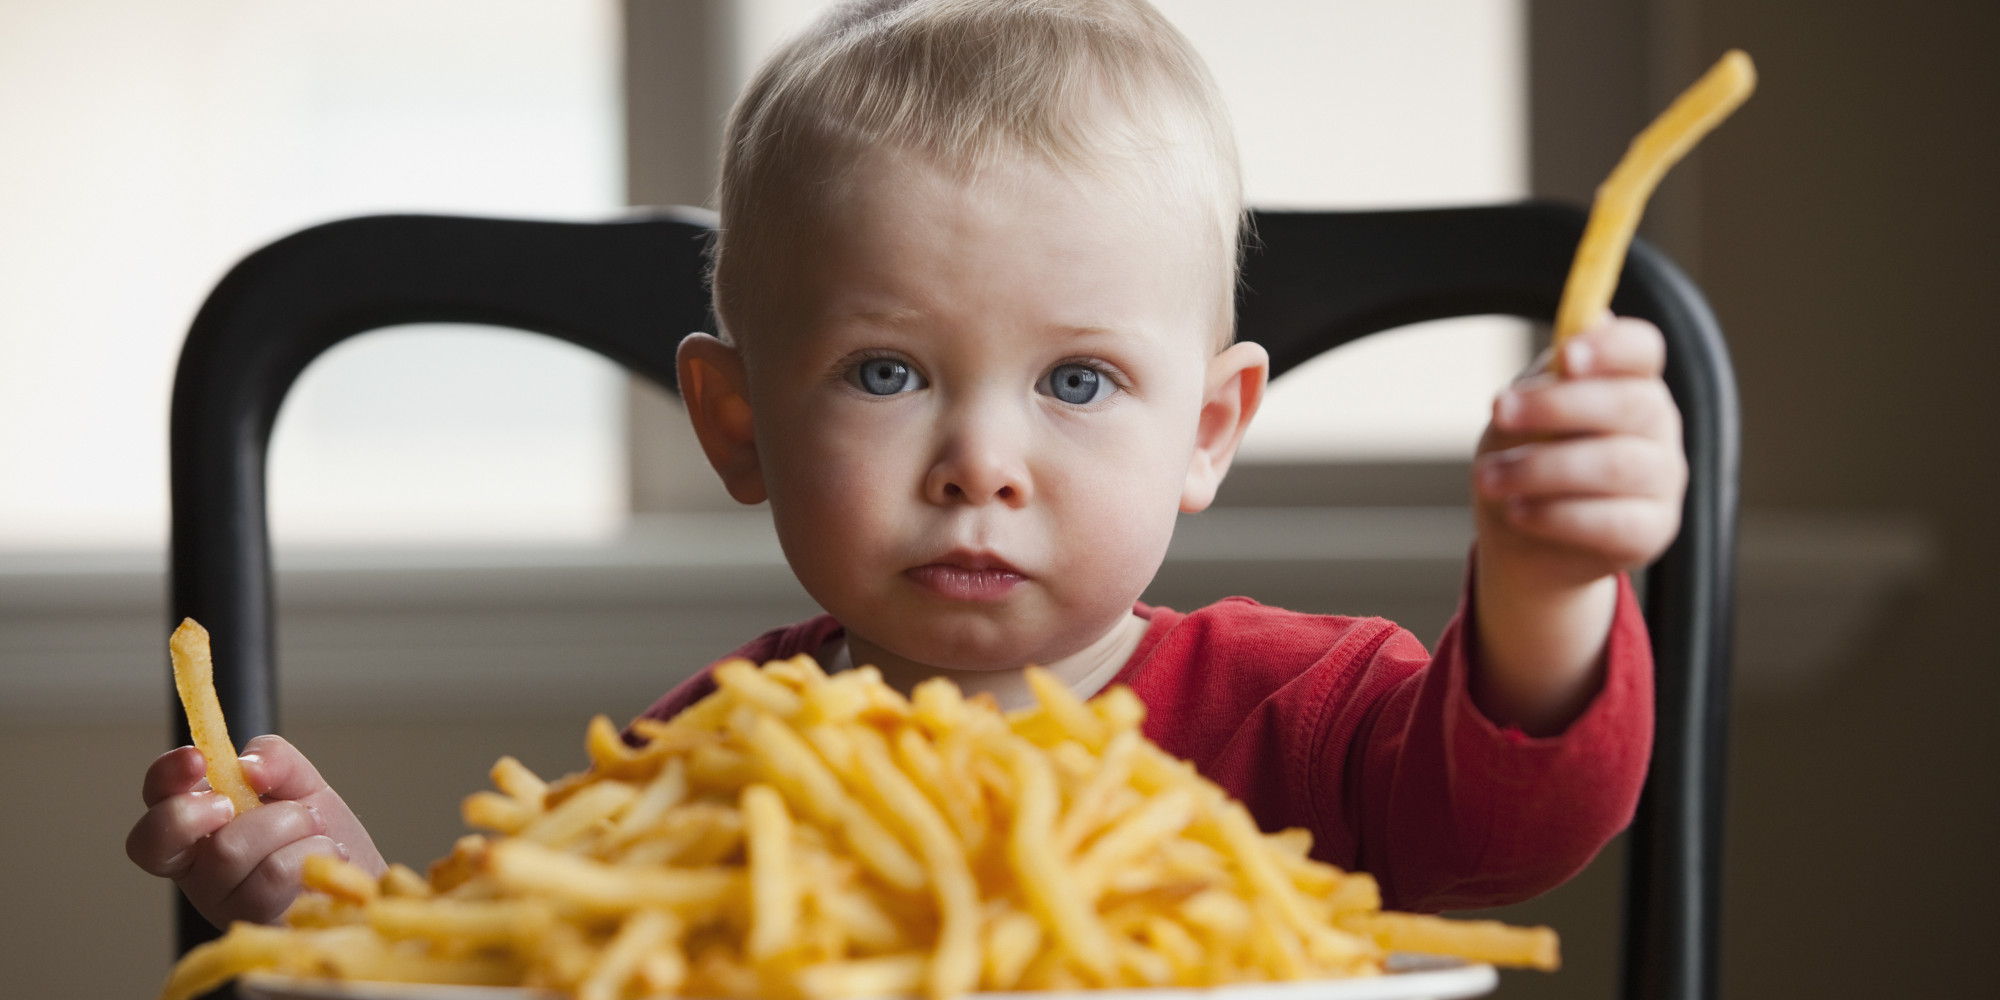 """giải phóng nỗi sợ """"bé 1-3 tuổi còi cọc"""", chậm tăng cân bằng thực đơn 7 ngày đủ 4 nhóm dưỡng chất"""